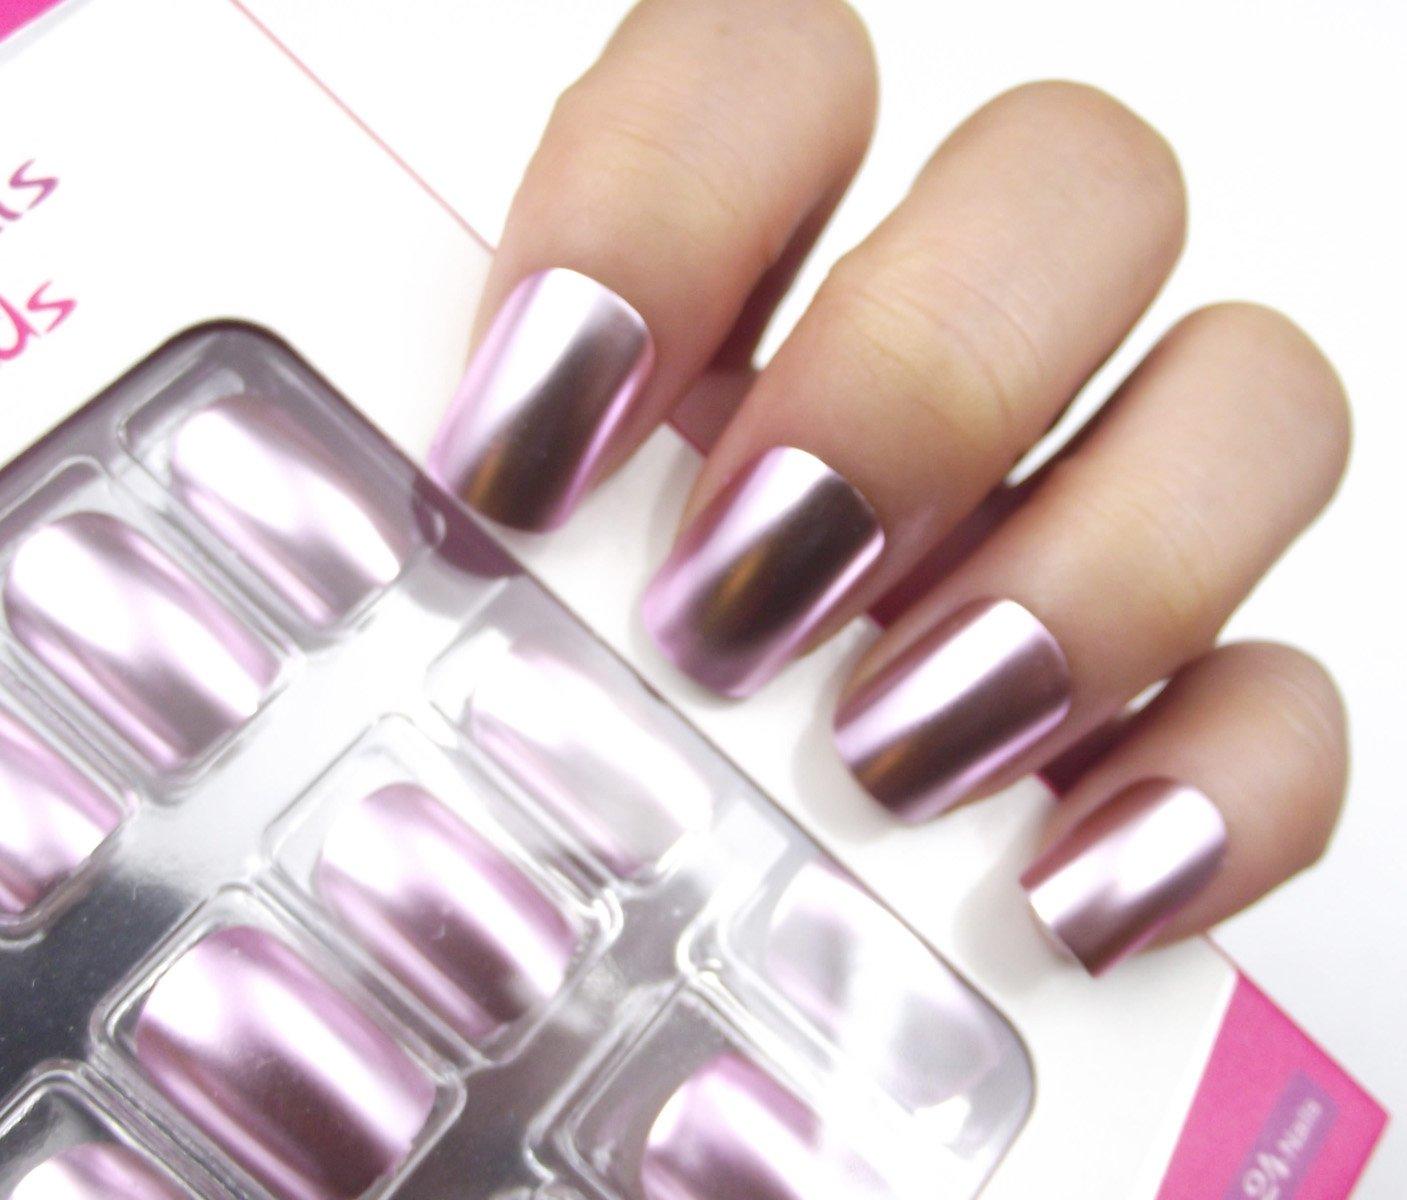 YUNAI Cuadrado Uñas postizas Elegante Efecto espejo Luz púrpura Uñas falsas Paquete Premium Cobertura total Medio Uñas postizas: Amazon.es: Belleza